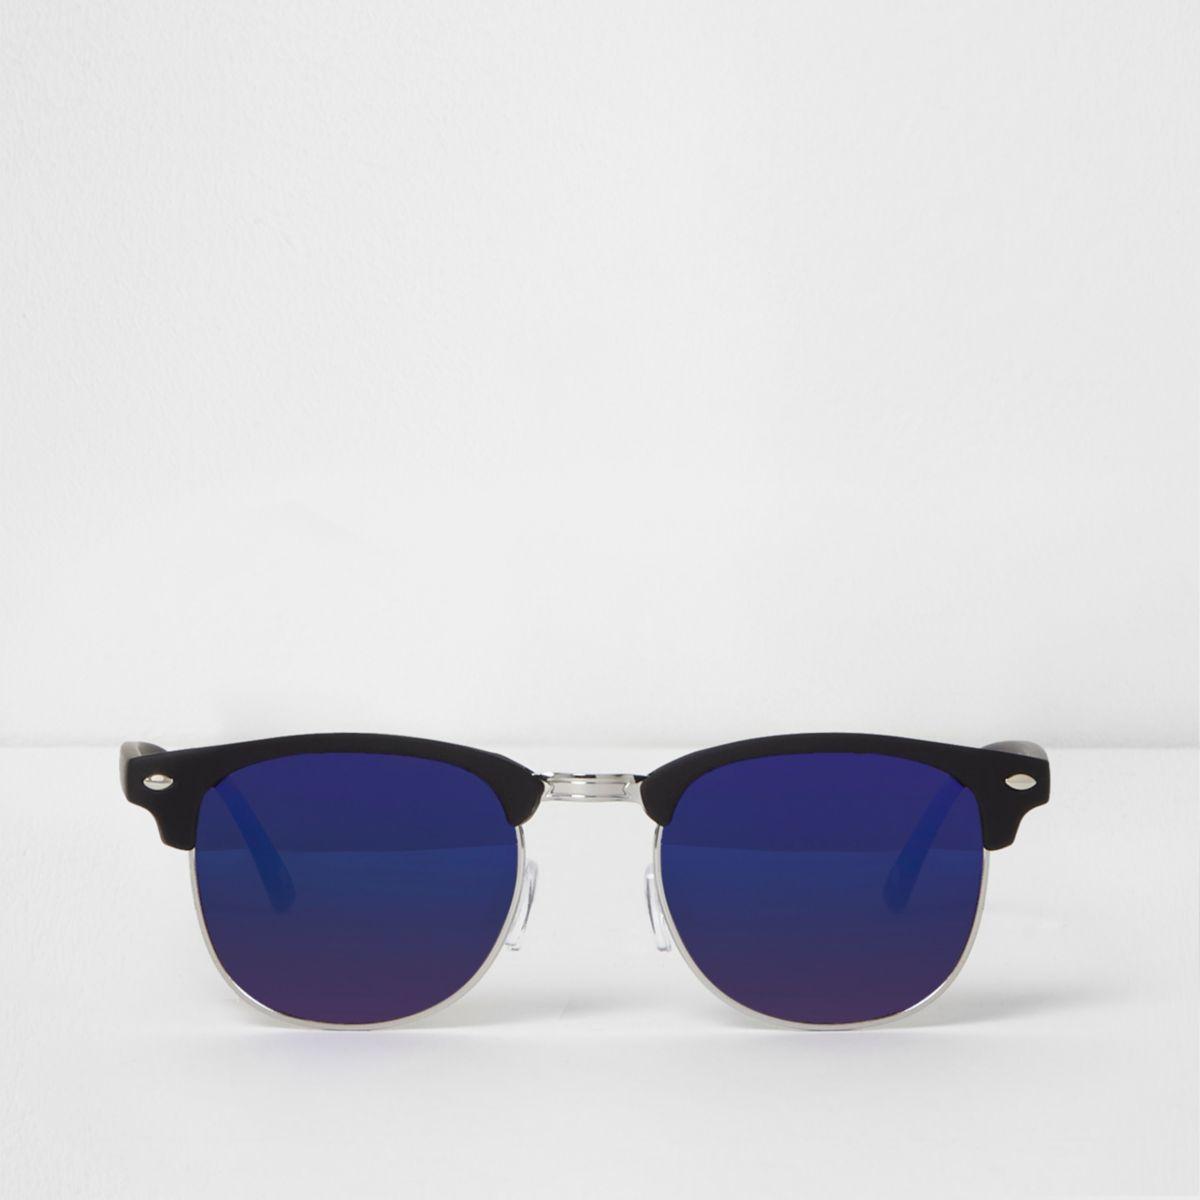 Schwarze Retro-Sonnenbrille mit verspiegelten Gläsern